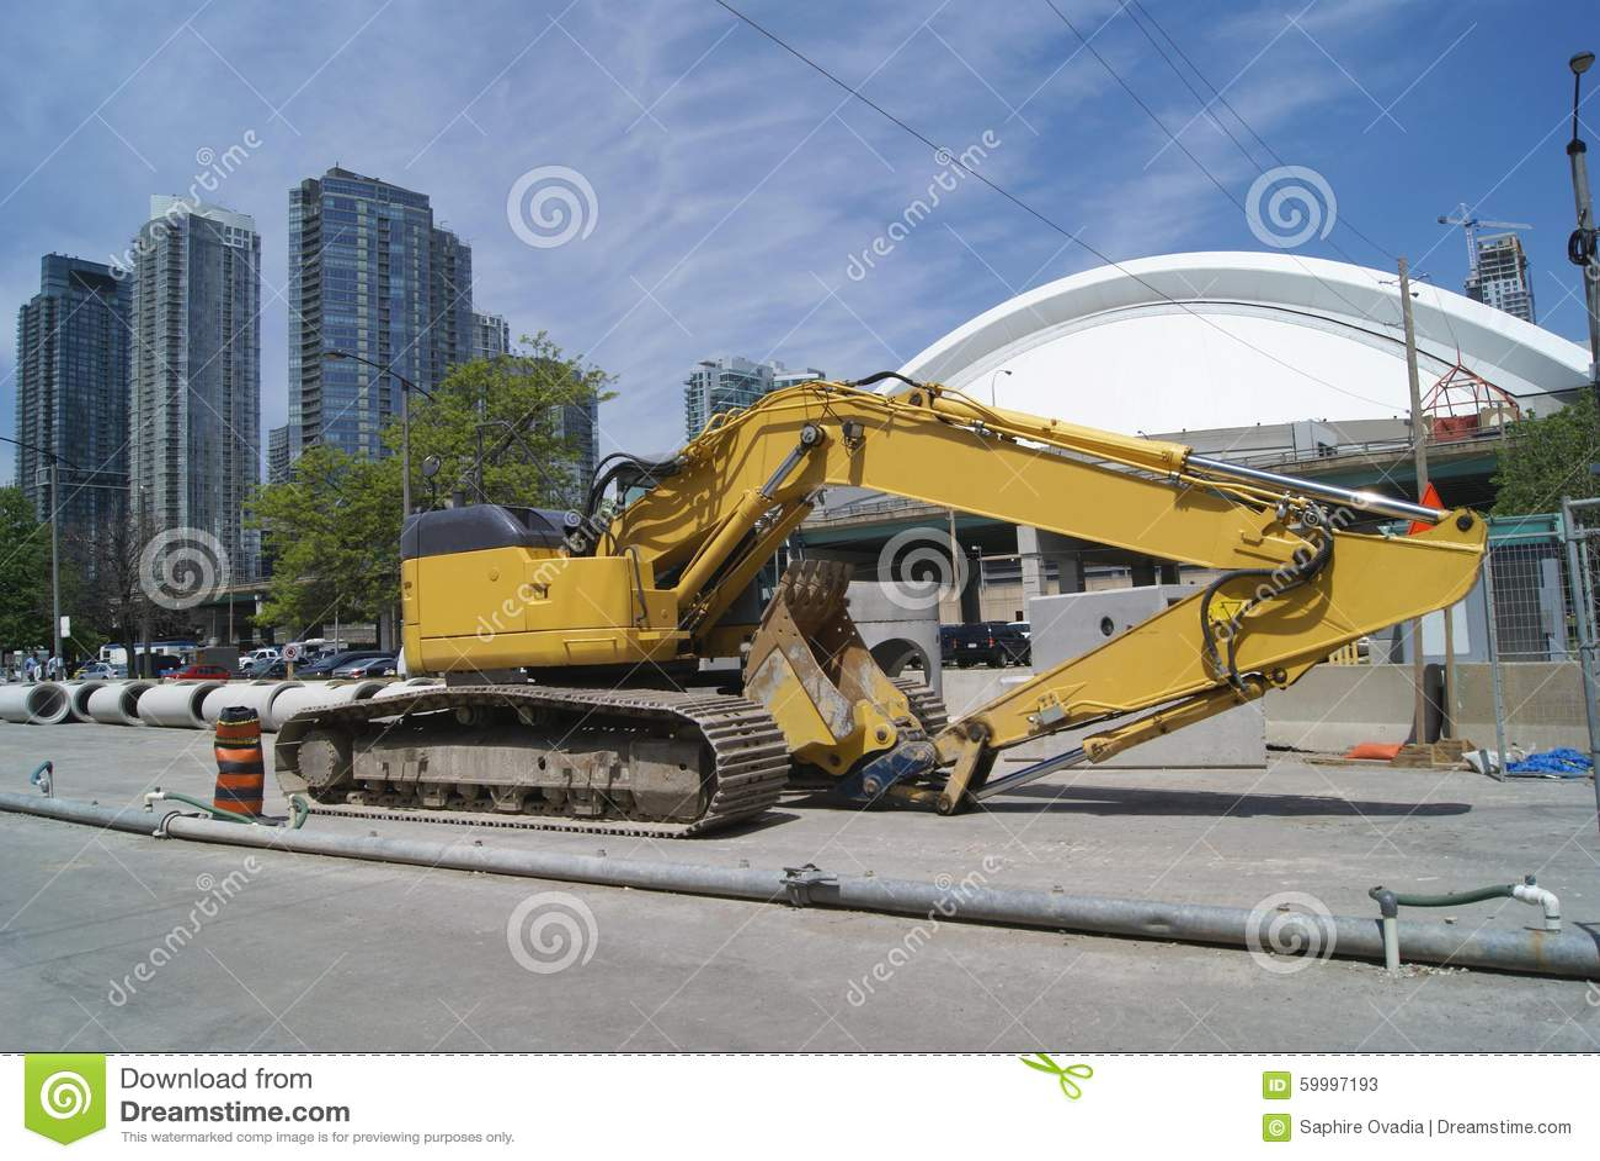 Straßenarbeitenfahrzeug Hydraulischer Exkavator Straßenarbeitengräber